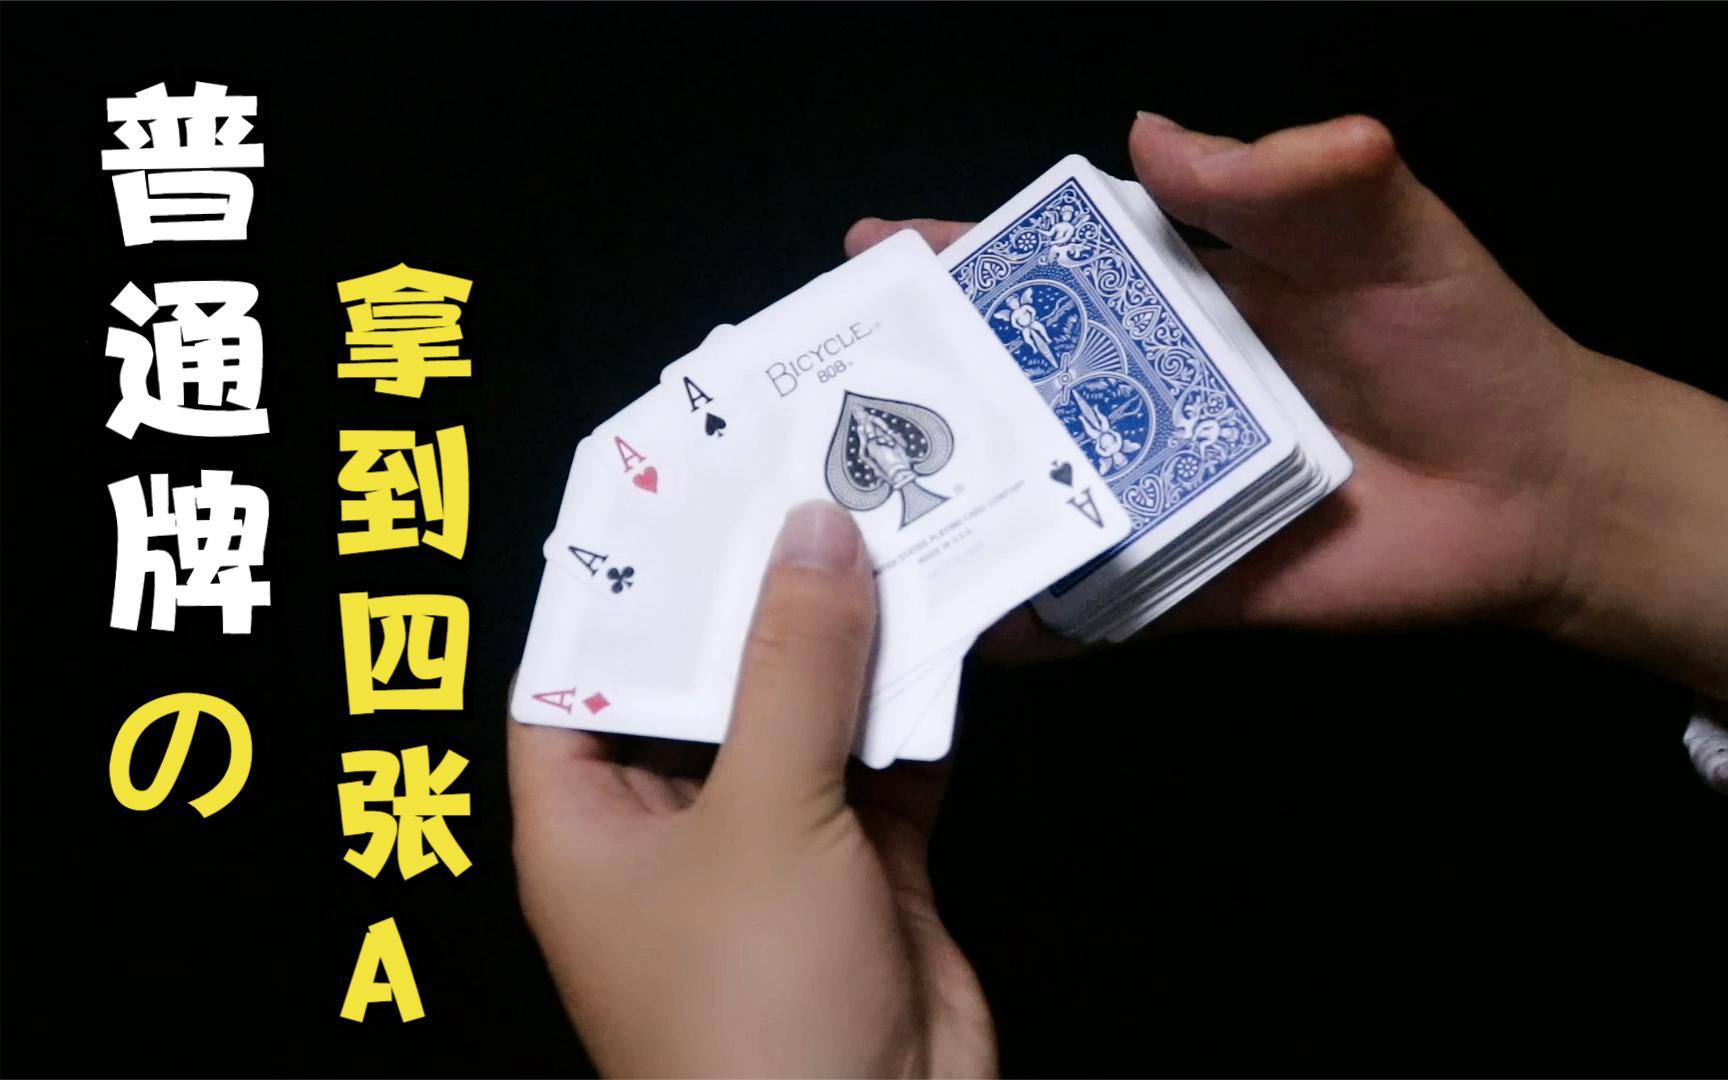 六指牌王:如何用普通牌拿到四张A?现在教你方法!